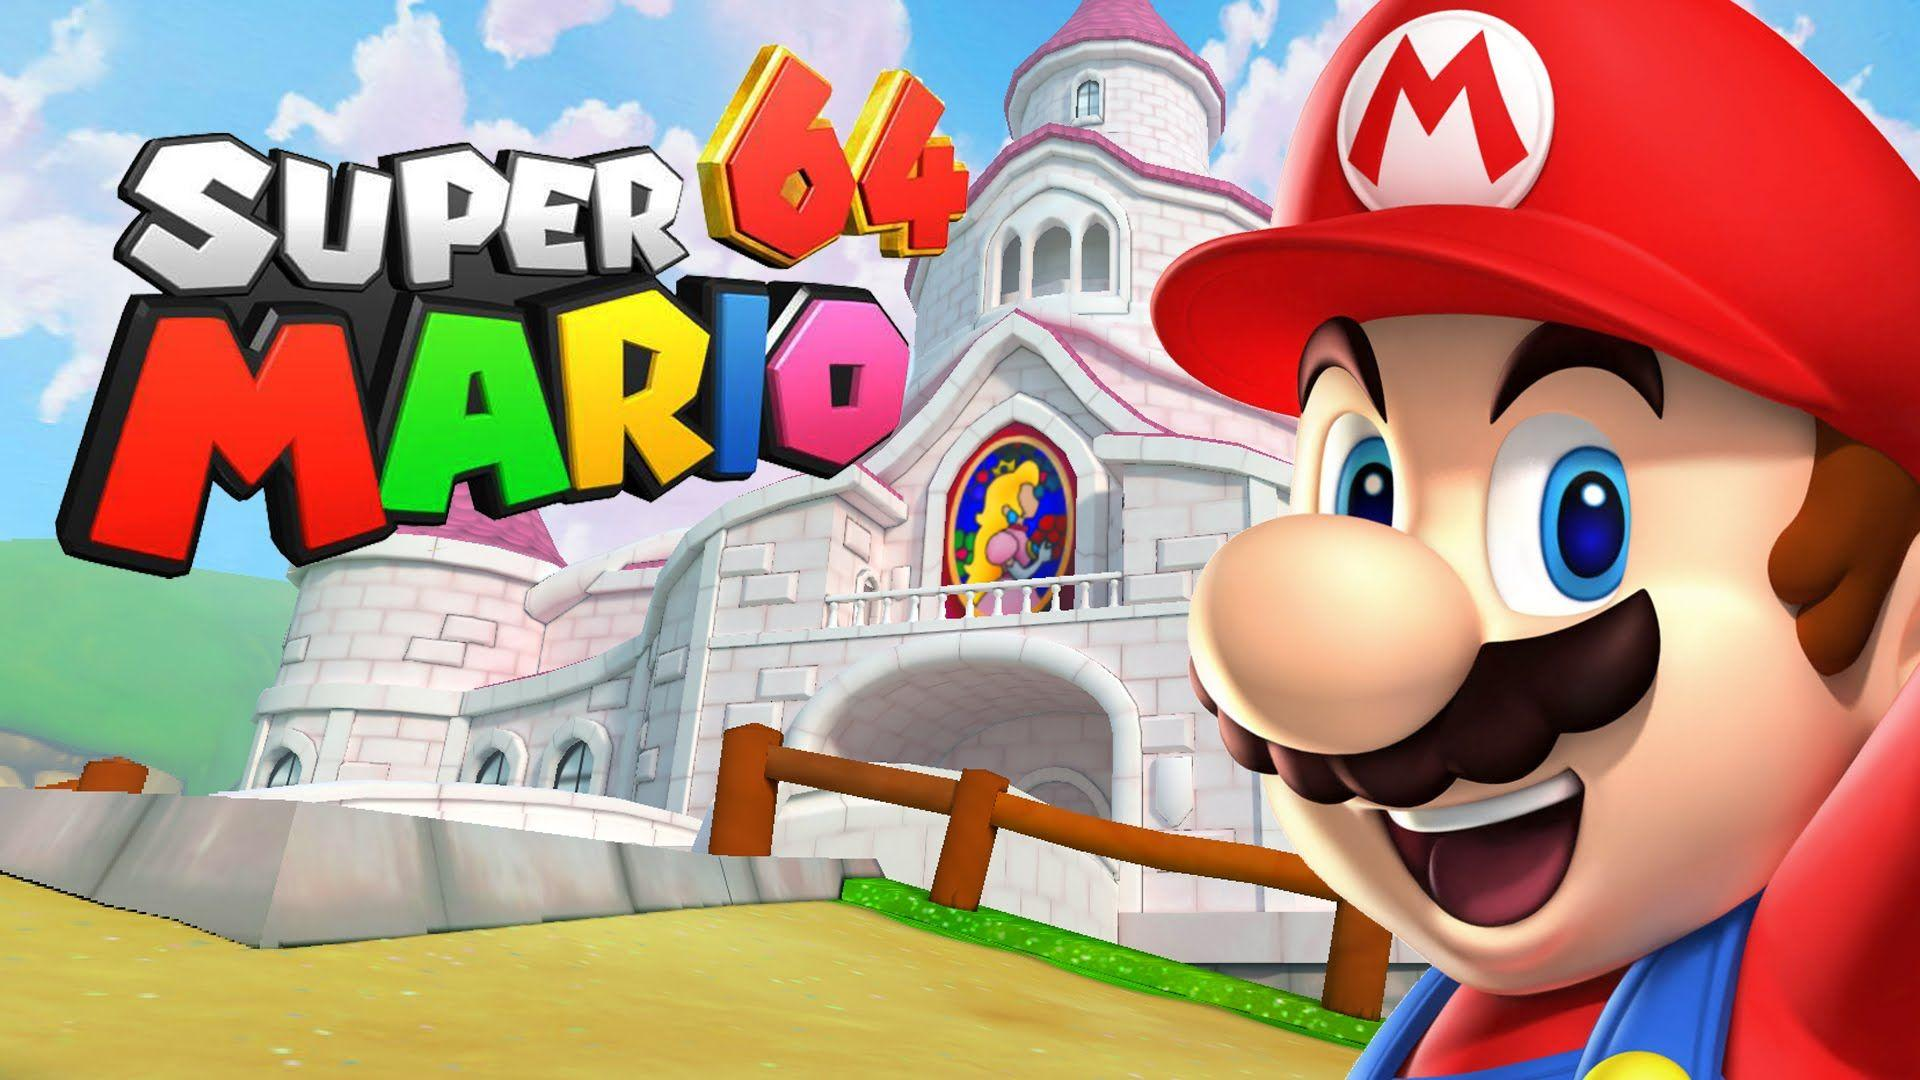 Super Mario 64 Wallpapers Wallpaper Cave